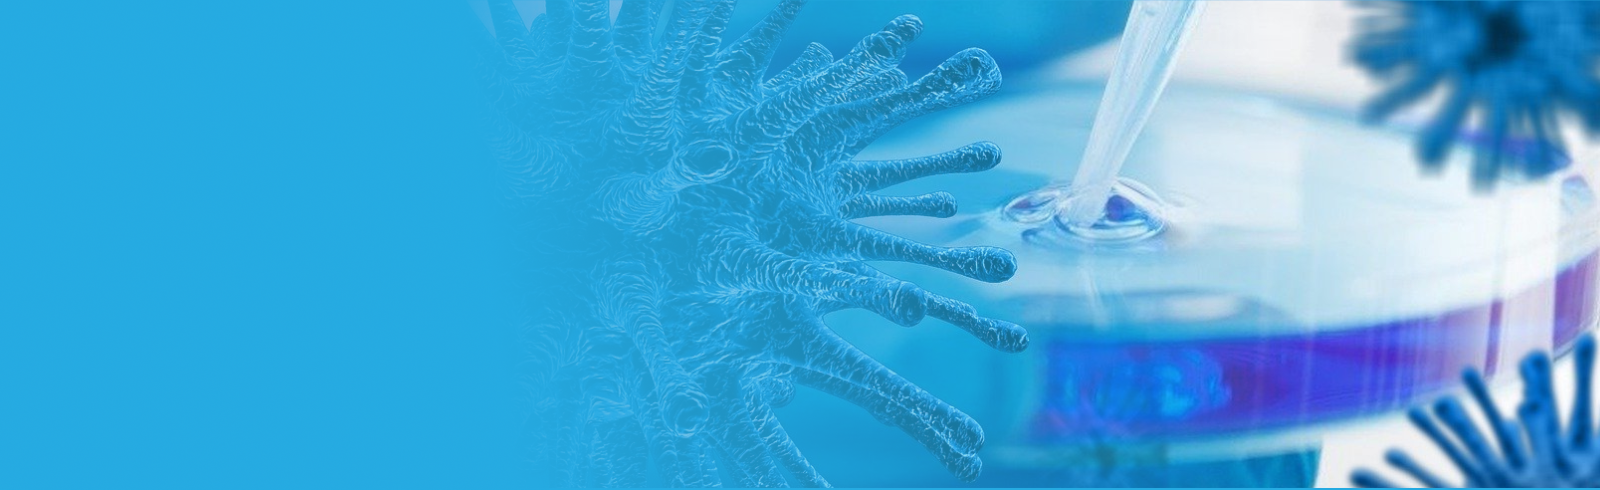 Webinarium Diagnostyka SARS-CoV-2 08.04.2021 Zarejestruj się już dziś!